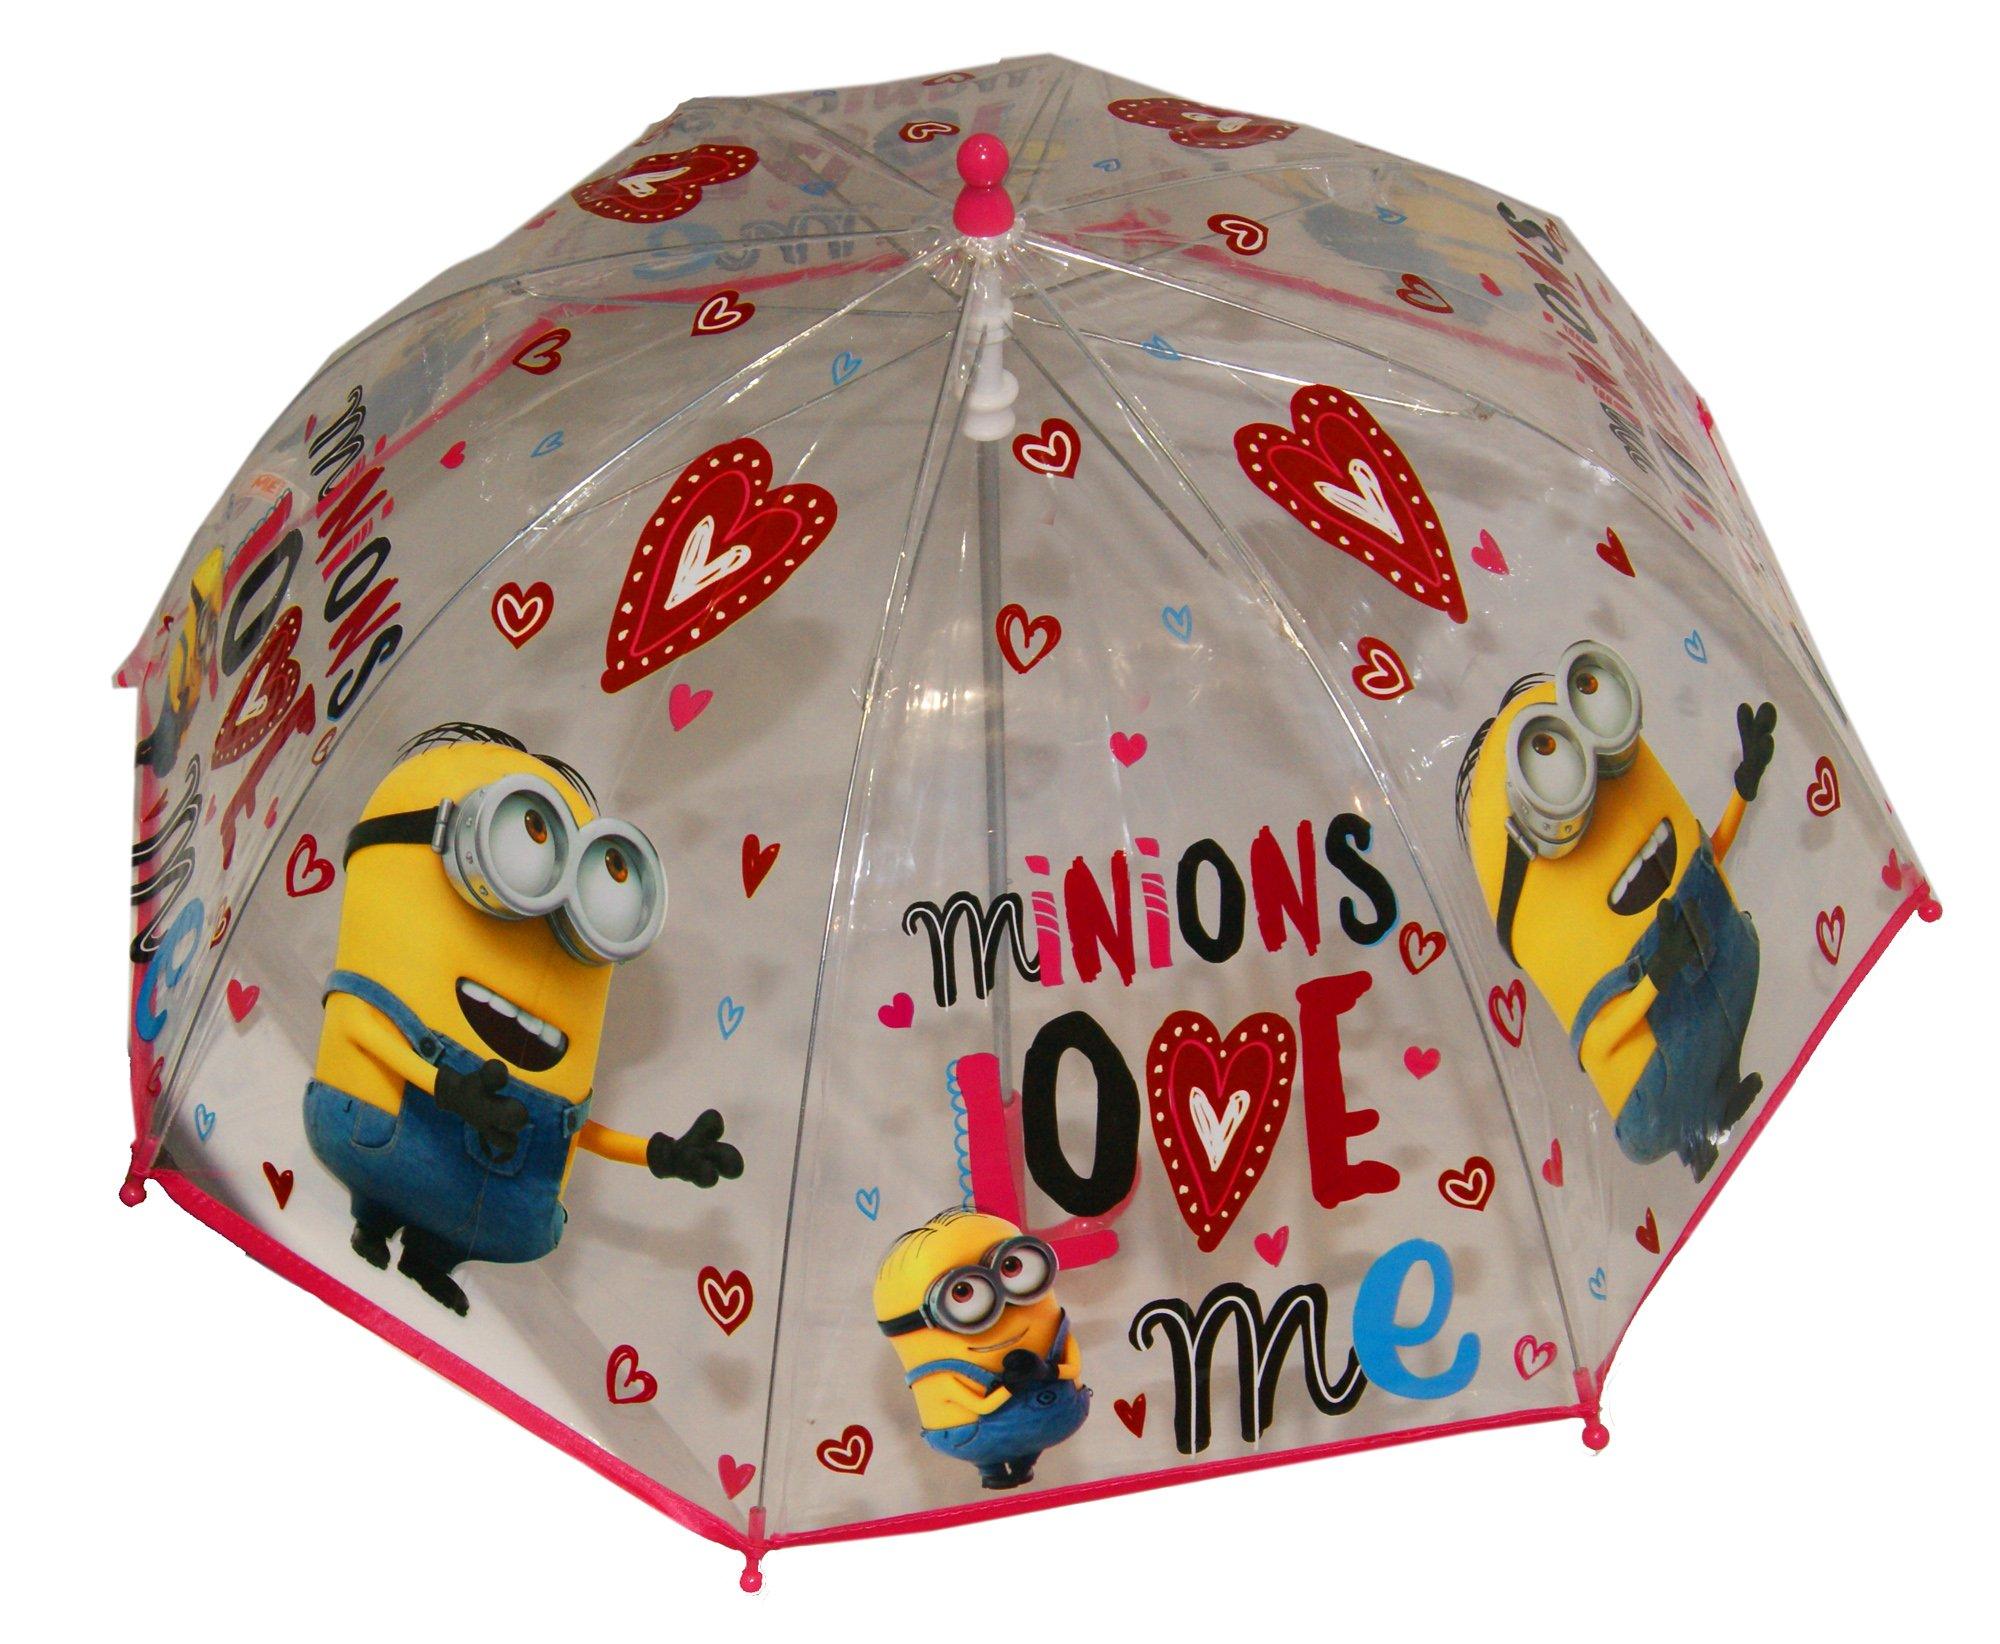 Minions Umbrella Official Umbrella for Kids Love Me Umbrella